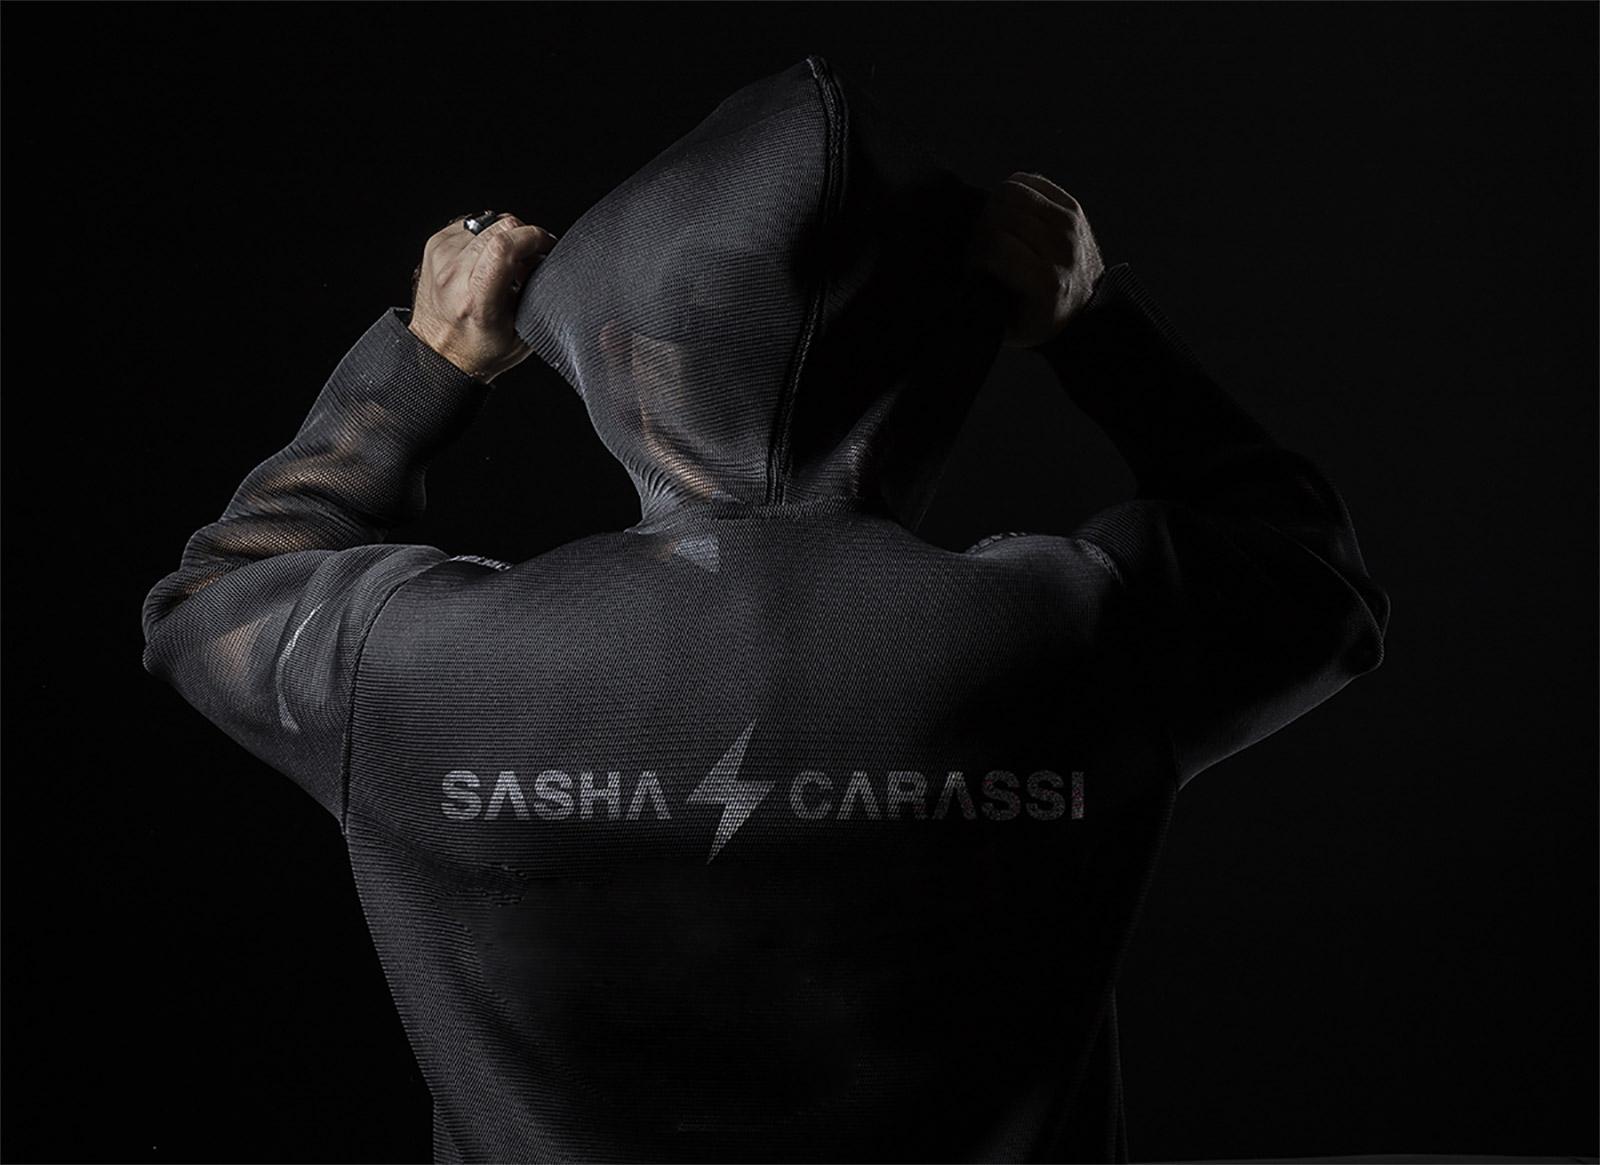 Sasha Carassi